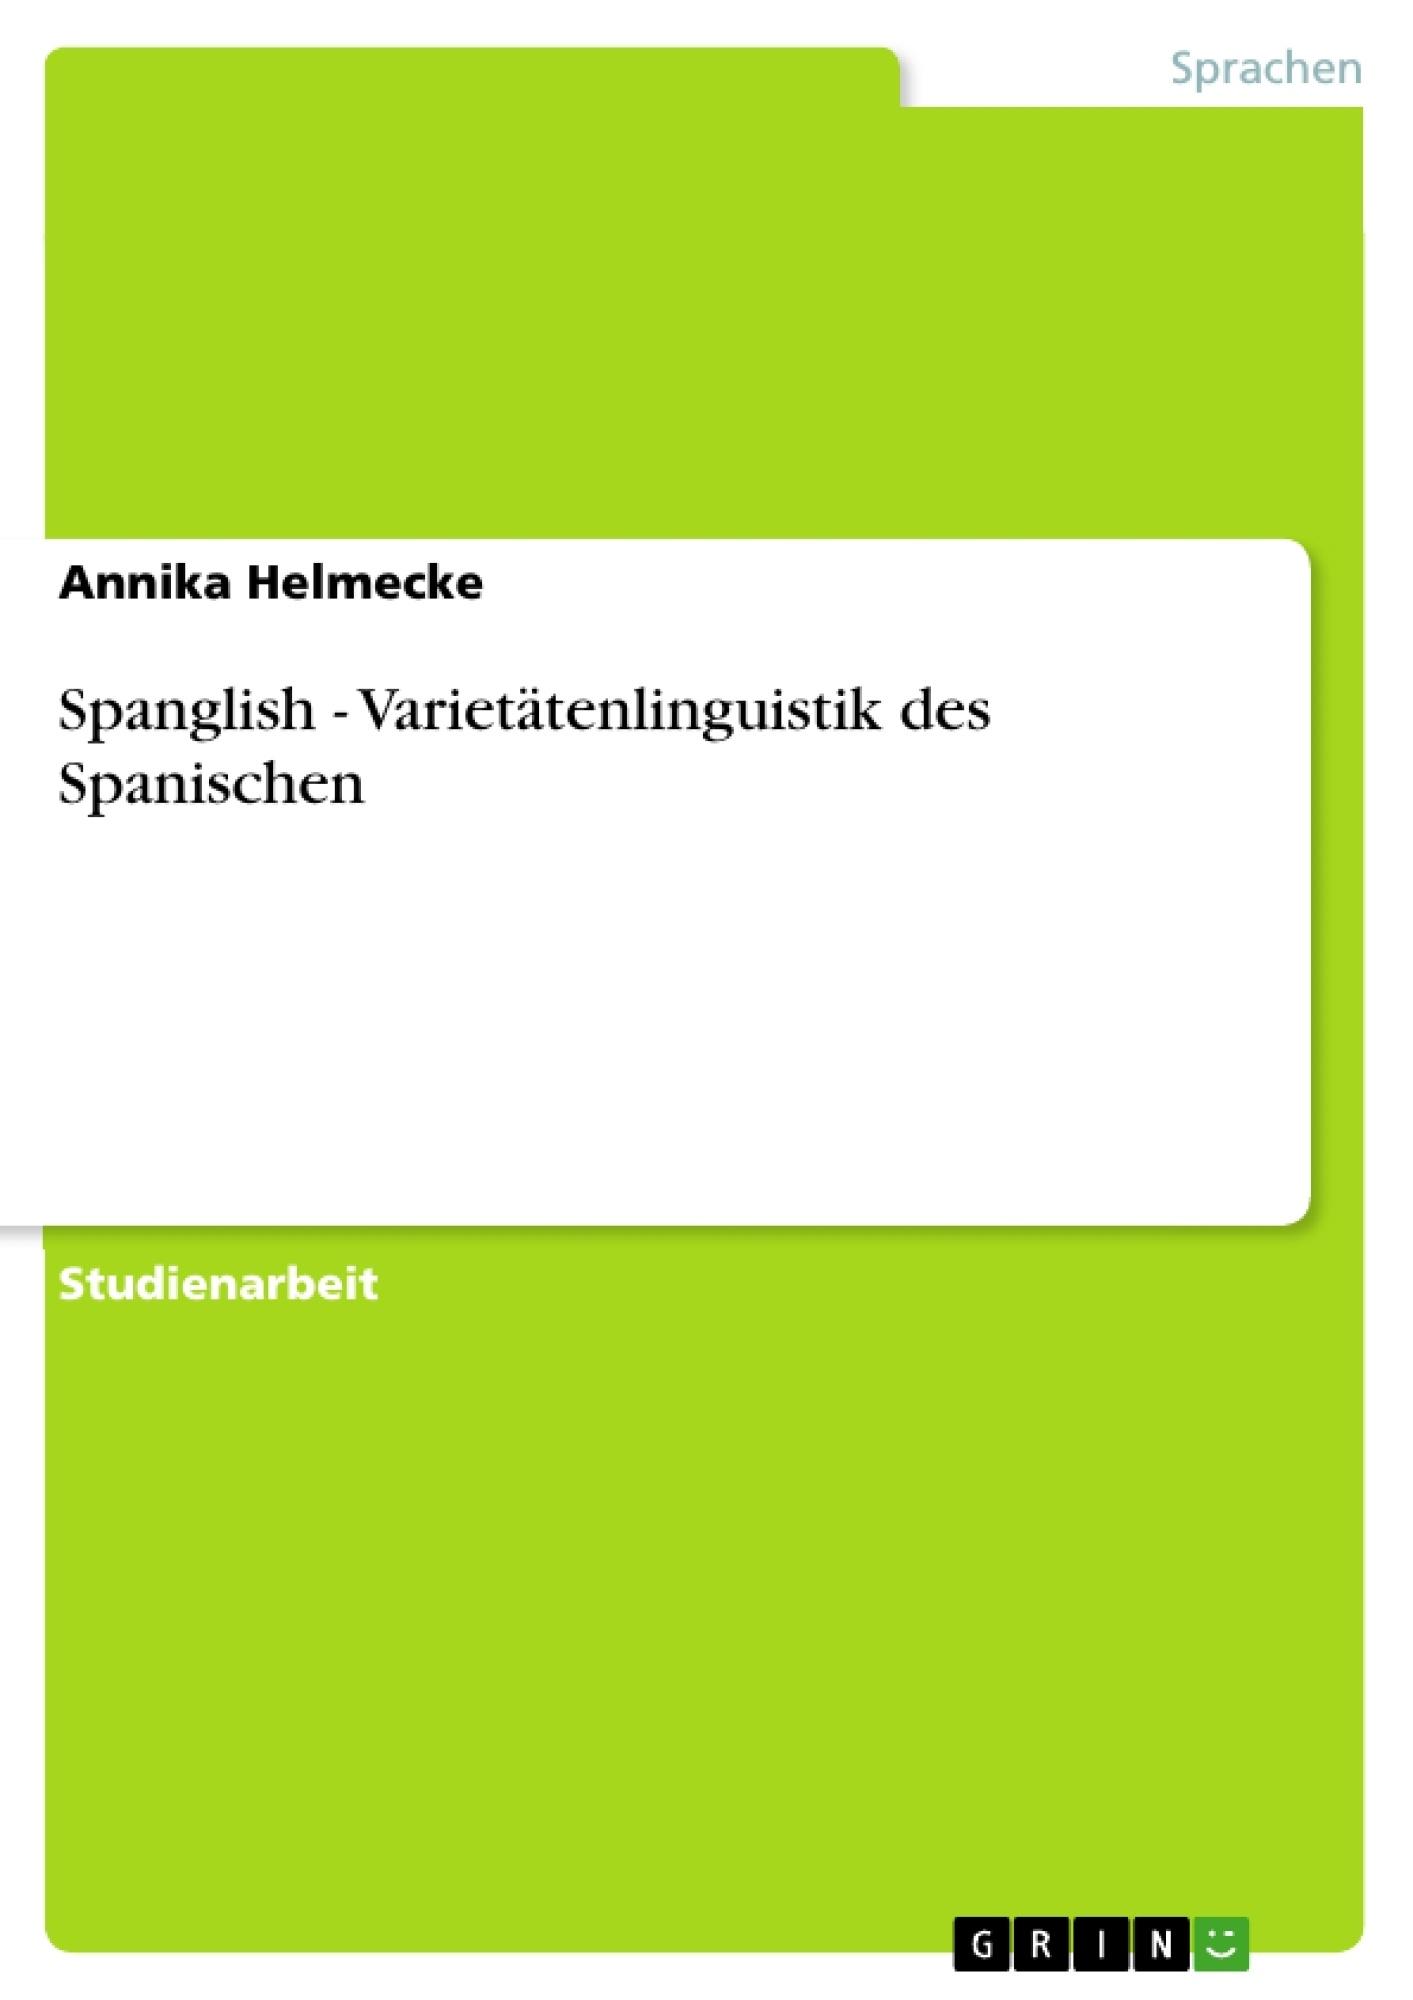 Titel: Spanglish - Varietätenlinguistik des Spanischen